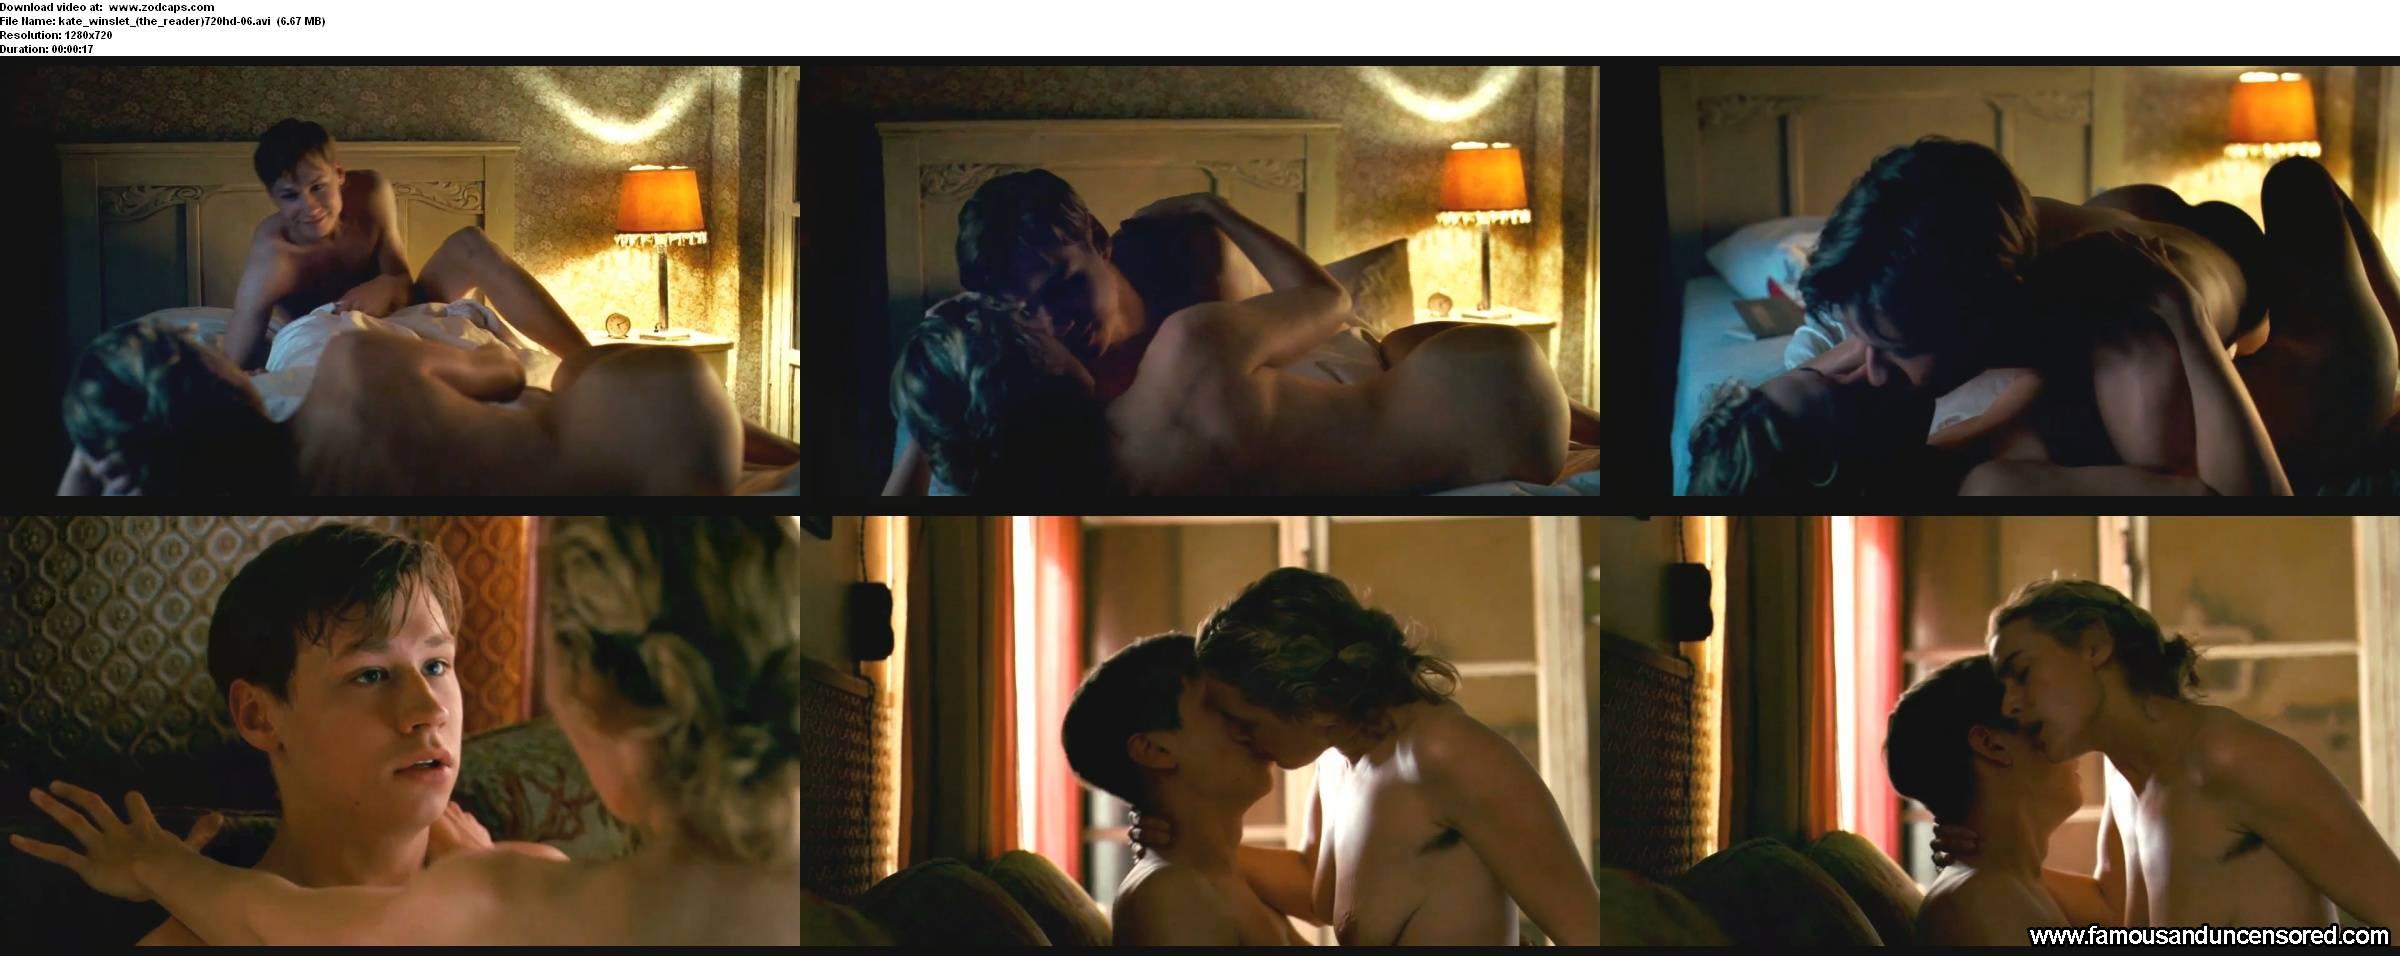 Kate winslet lesbian scene-7813